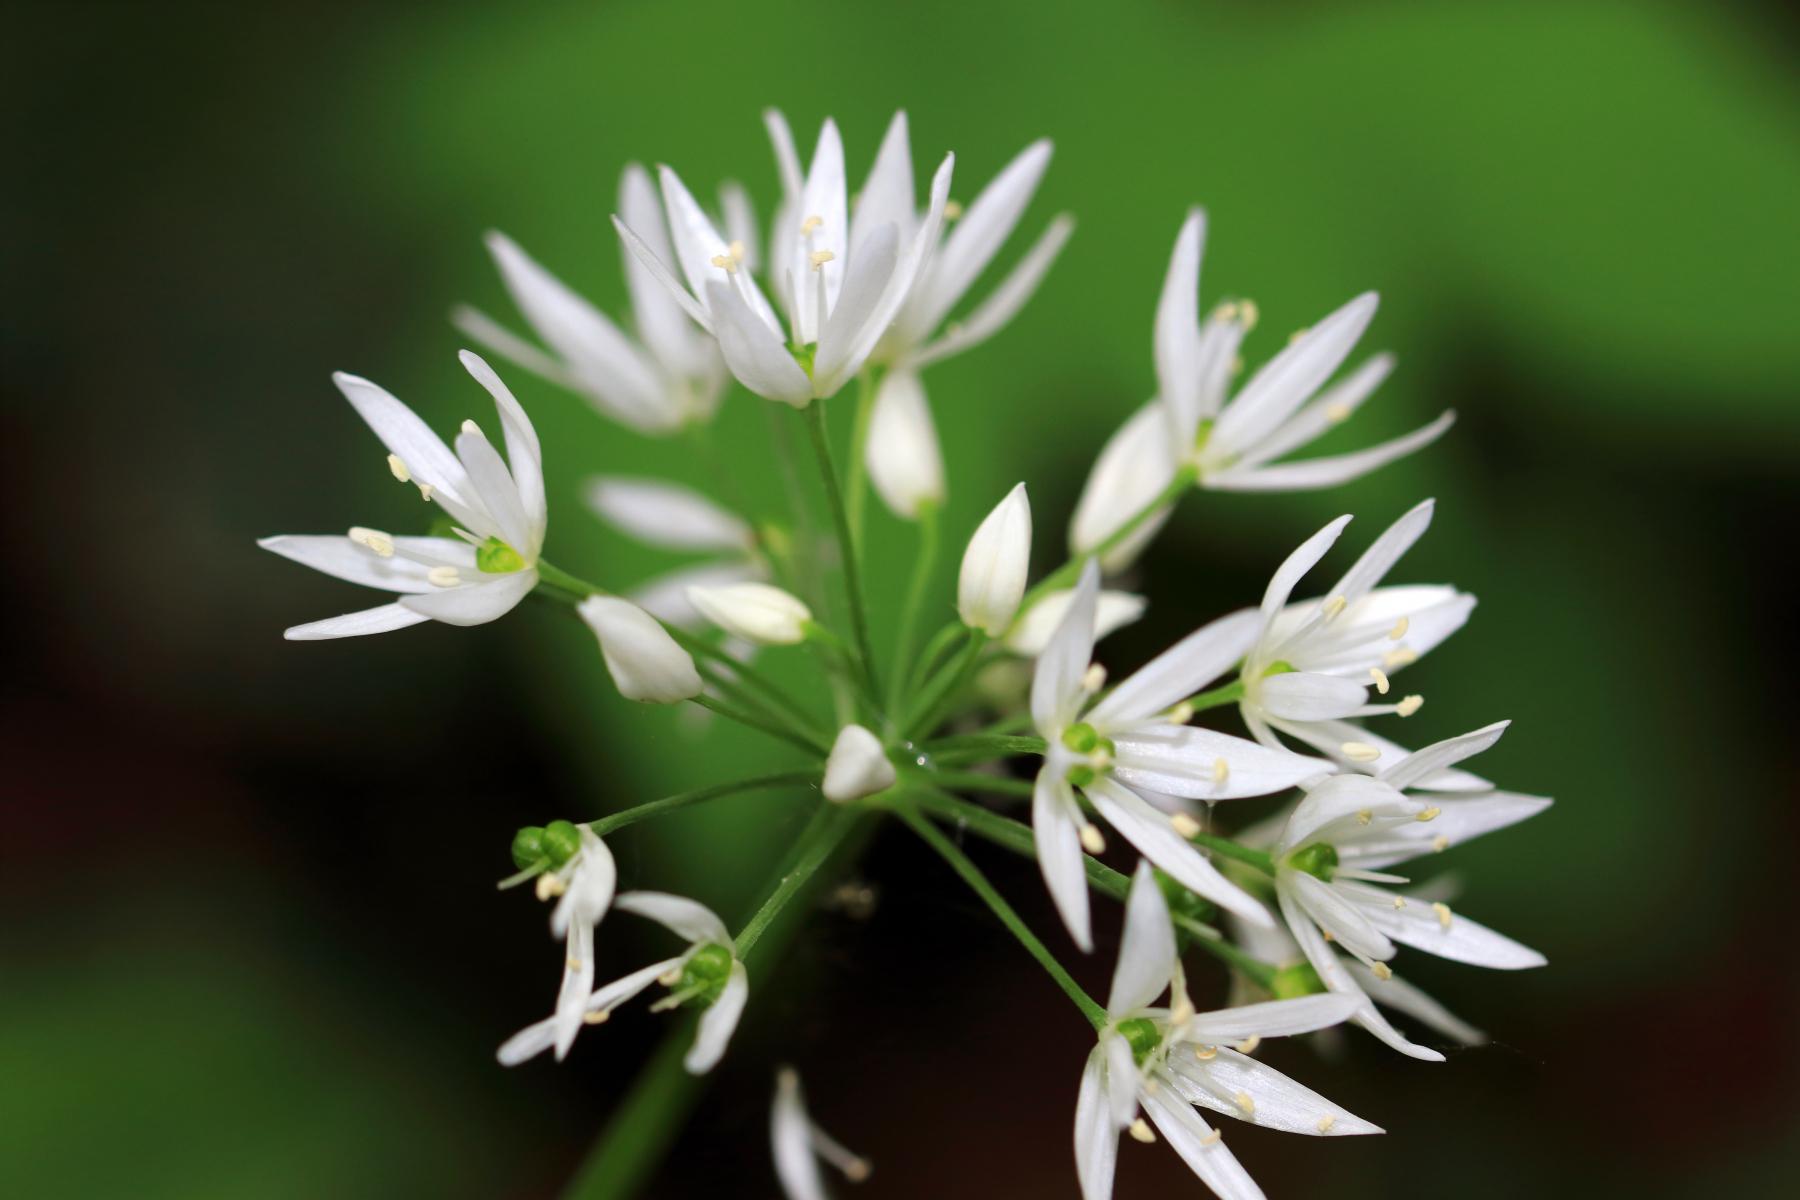 Ramsløk har stjerneformede, hvite blomster i en flat eller halvkuleformet skjerm.